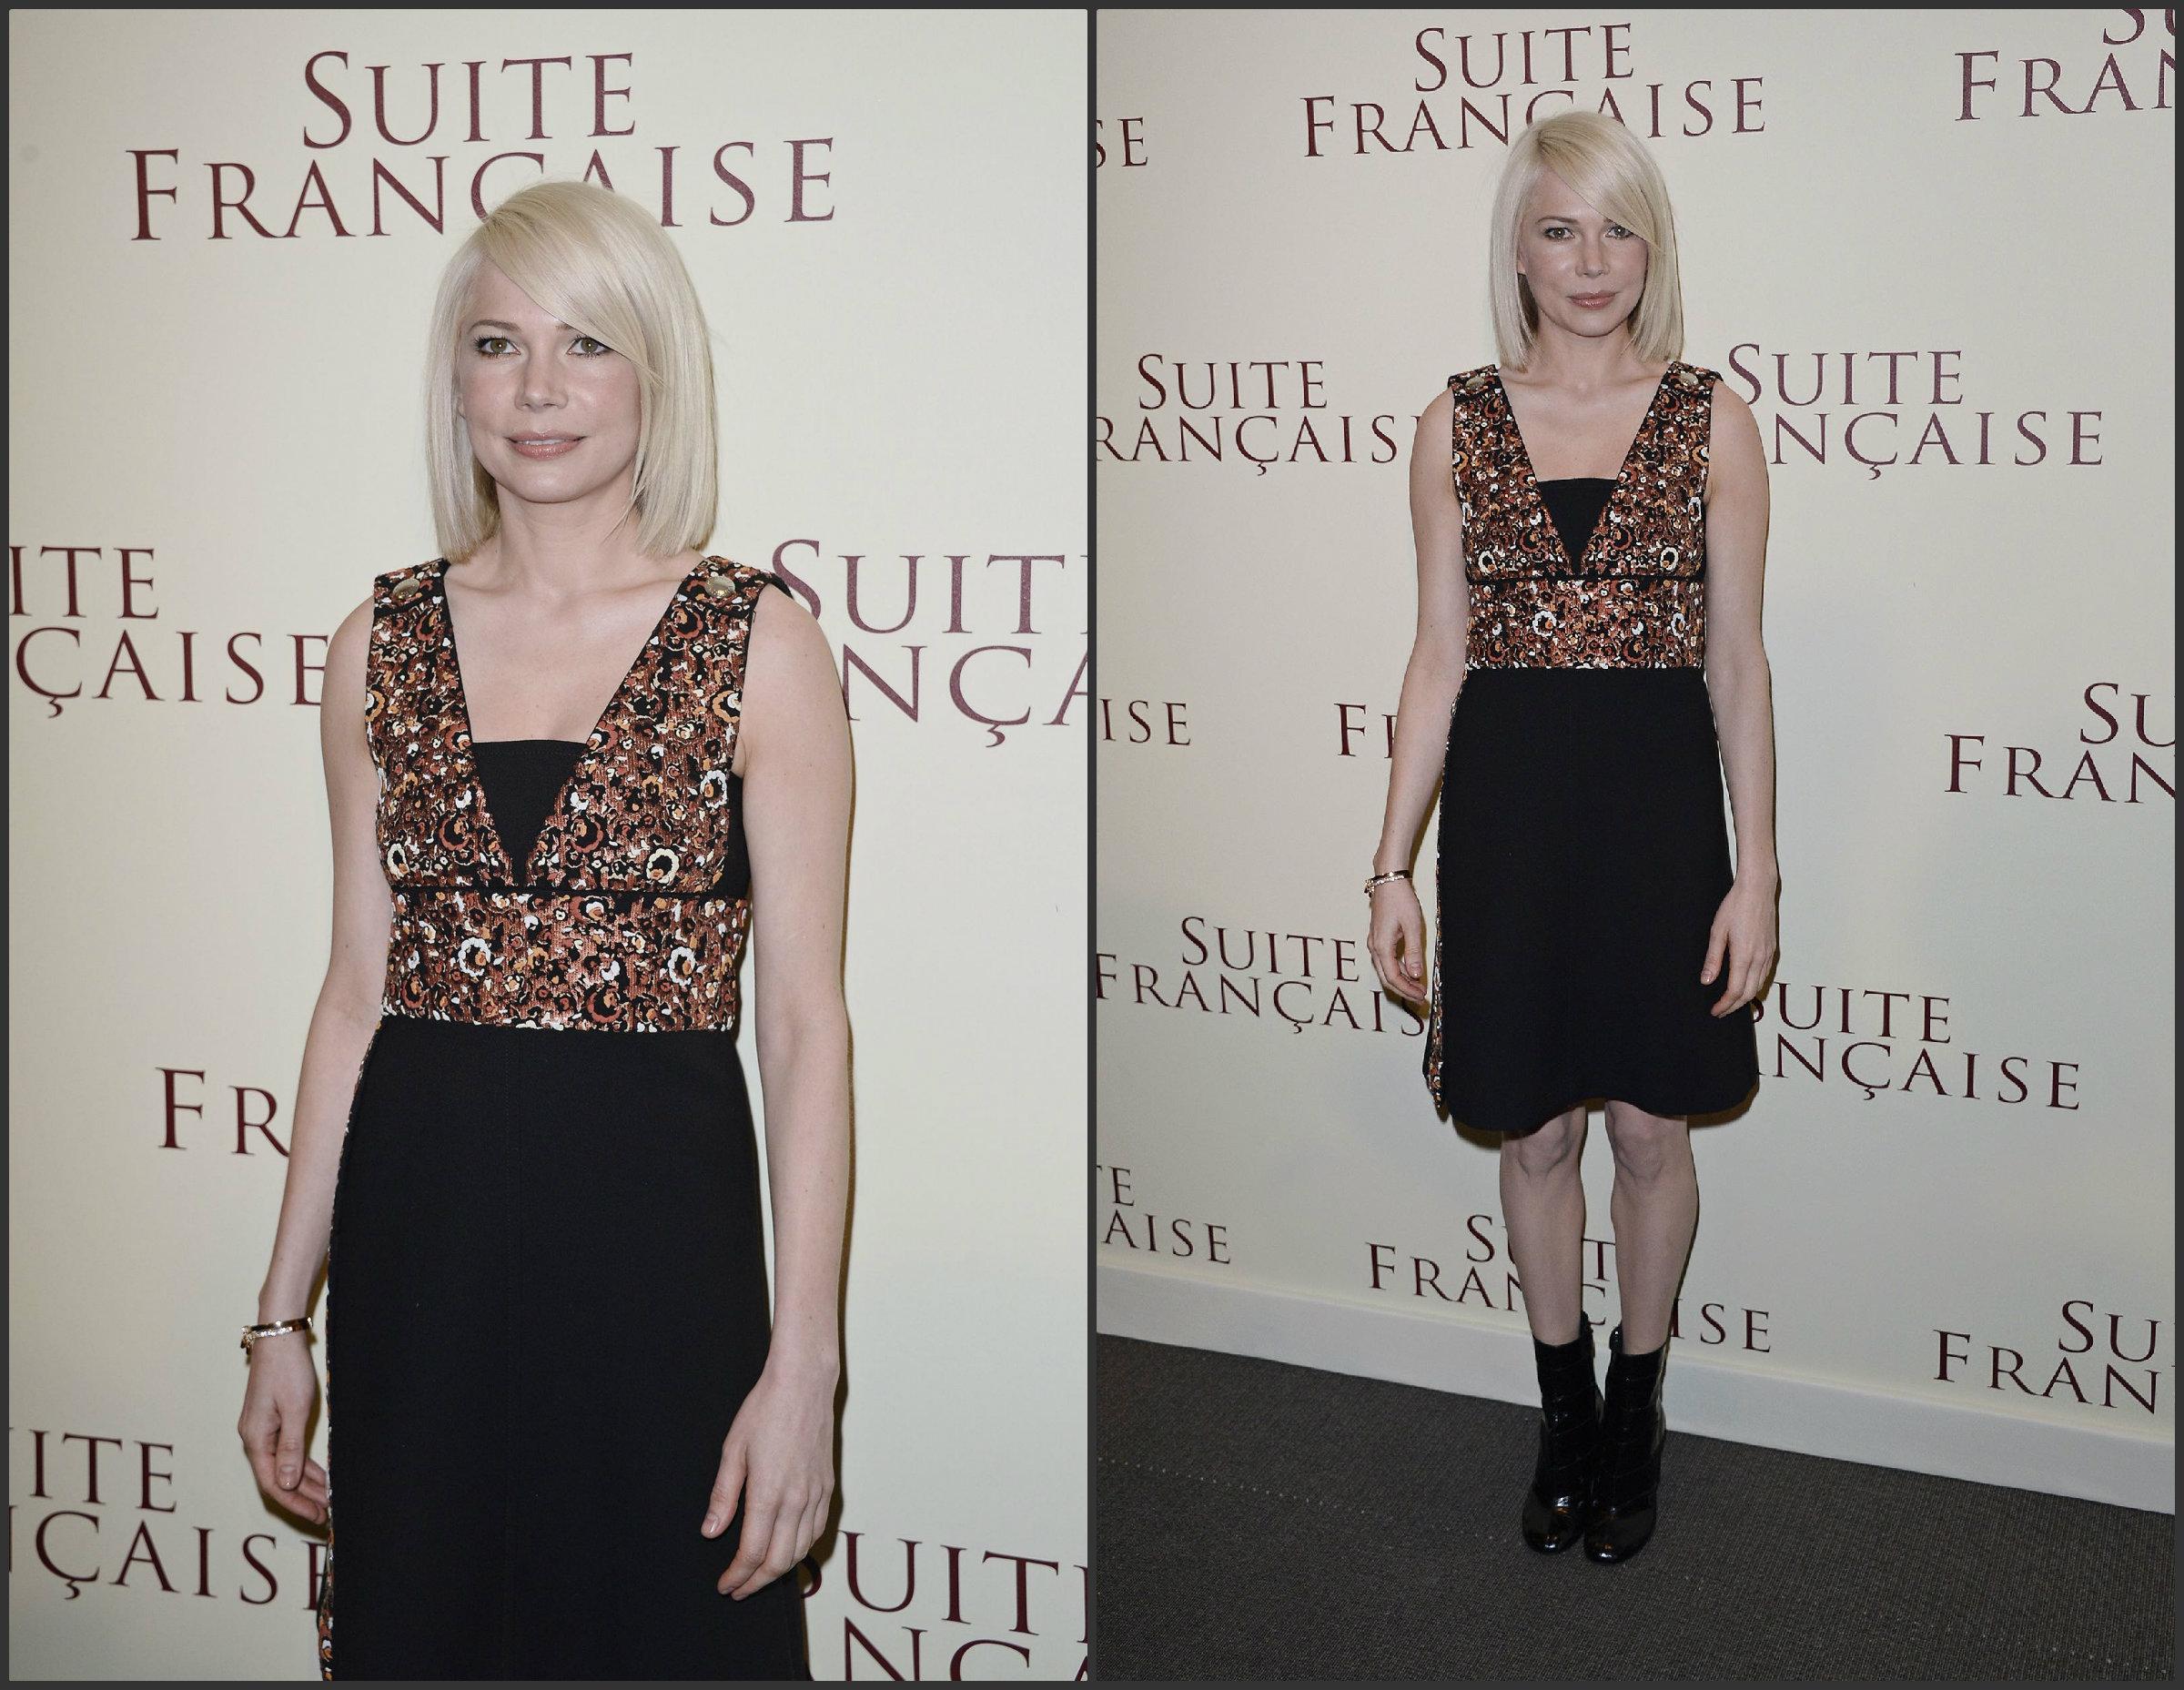 Michelle-Williams-In-Louis-Vuitton-at-the-Suite-Francaise-Paris-Premiere